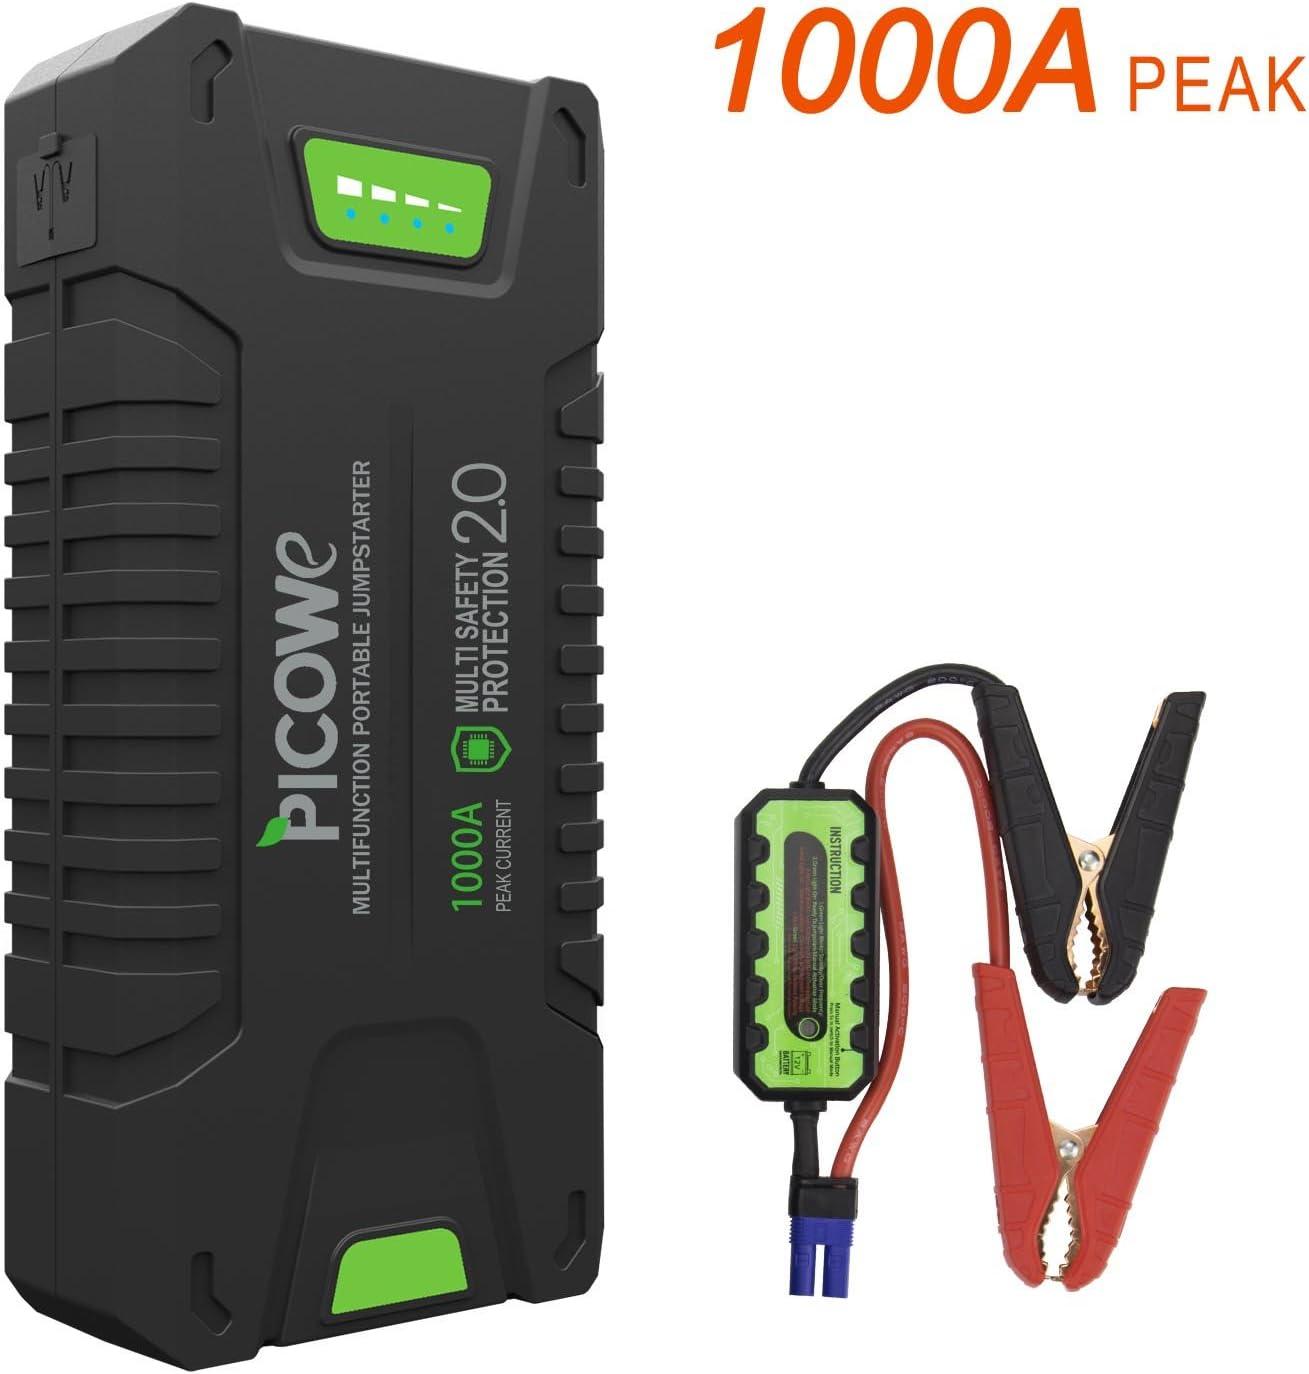 Tragbare Autobatterie-Starthilfe Batterie-Elektro-Schatzauto-Notstarter Rot ZXWNB Batterie-Starthilfe 12V 20000Mah